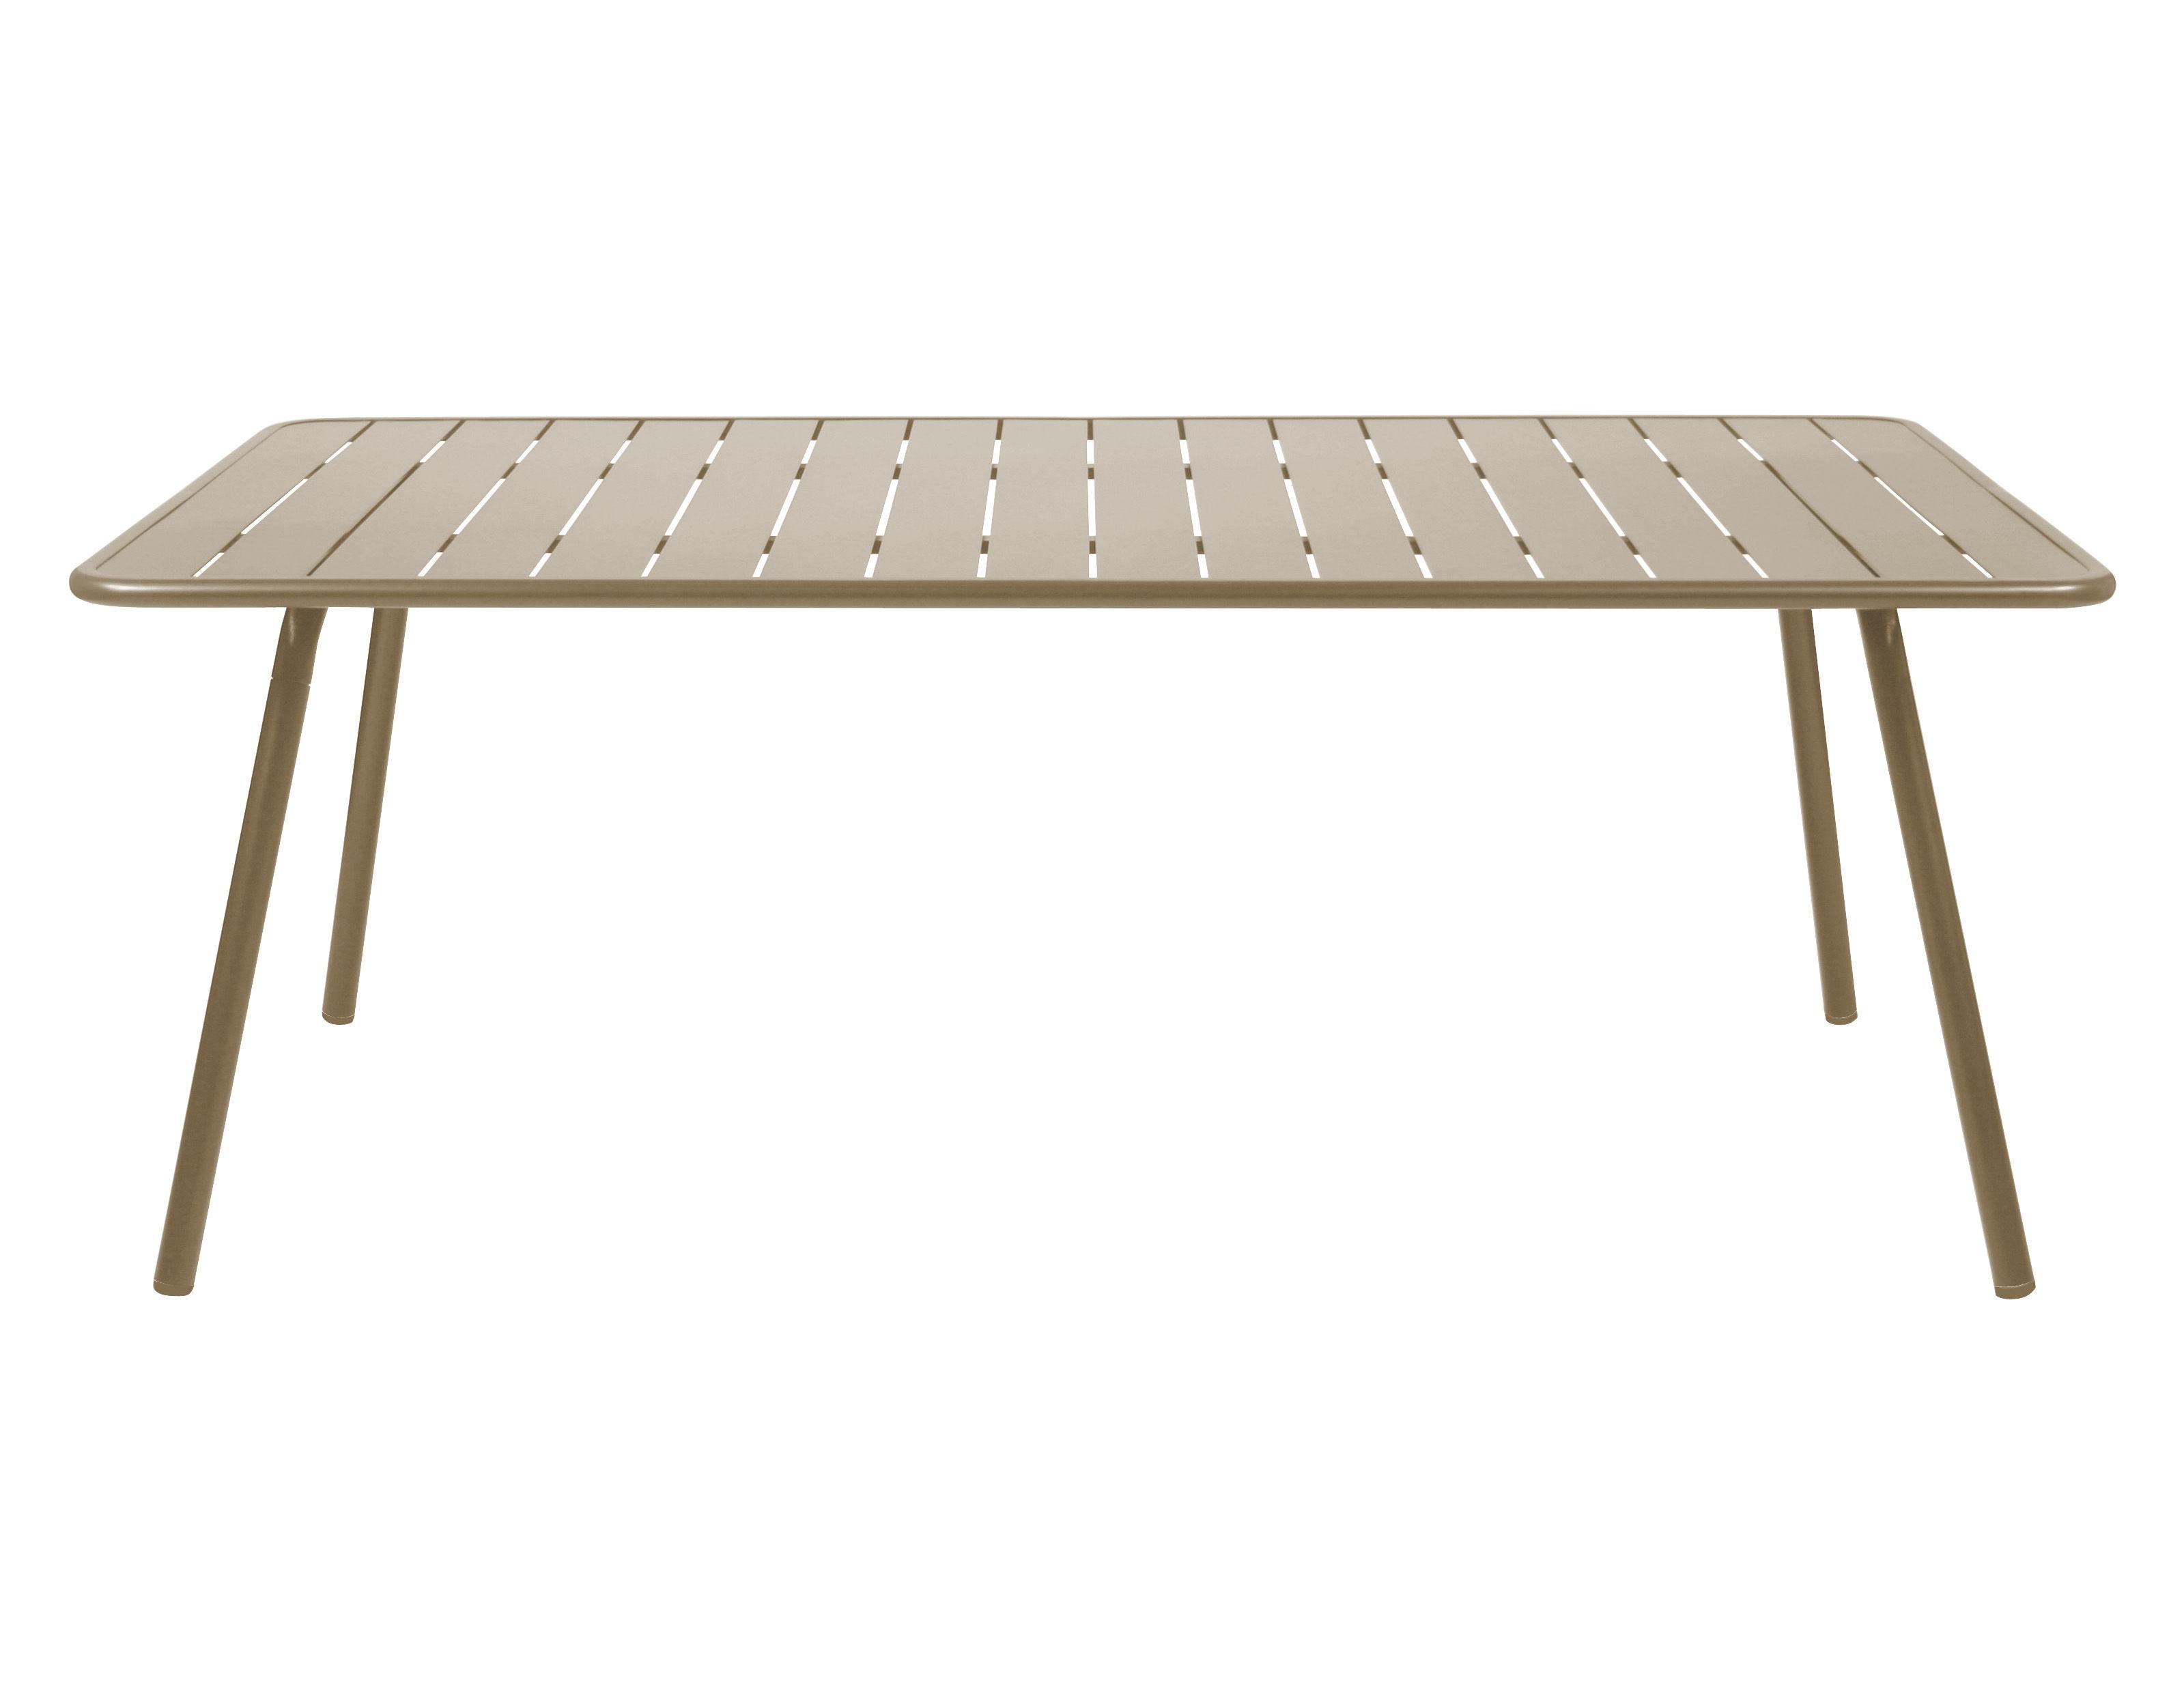 Outdoor - Tavoli  - Tavolo rettangolare Luxembourg - rettangolare - 8 persone - L 207 cm di Fermob - Noce moscata - Alluminio laccato